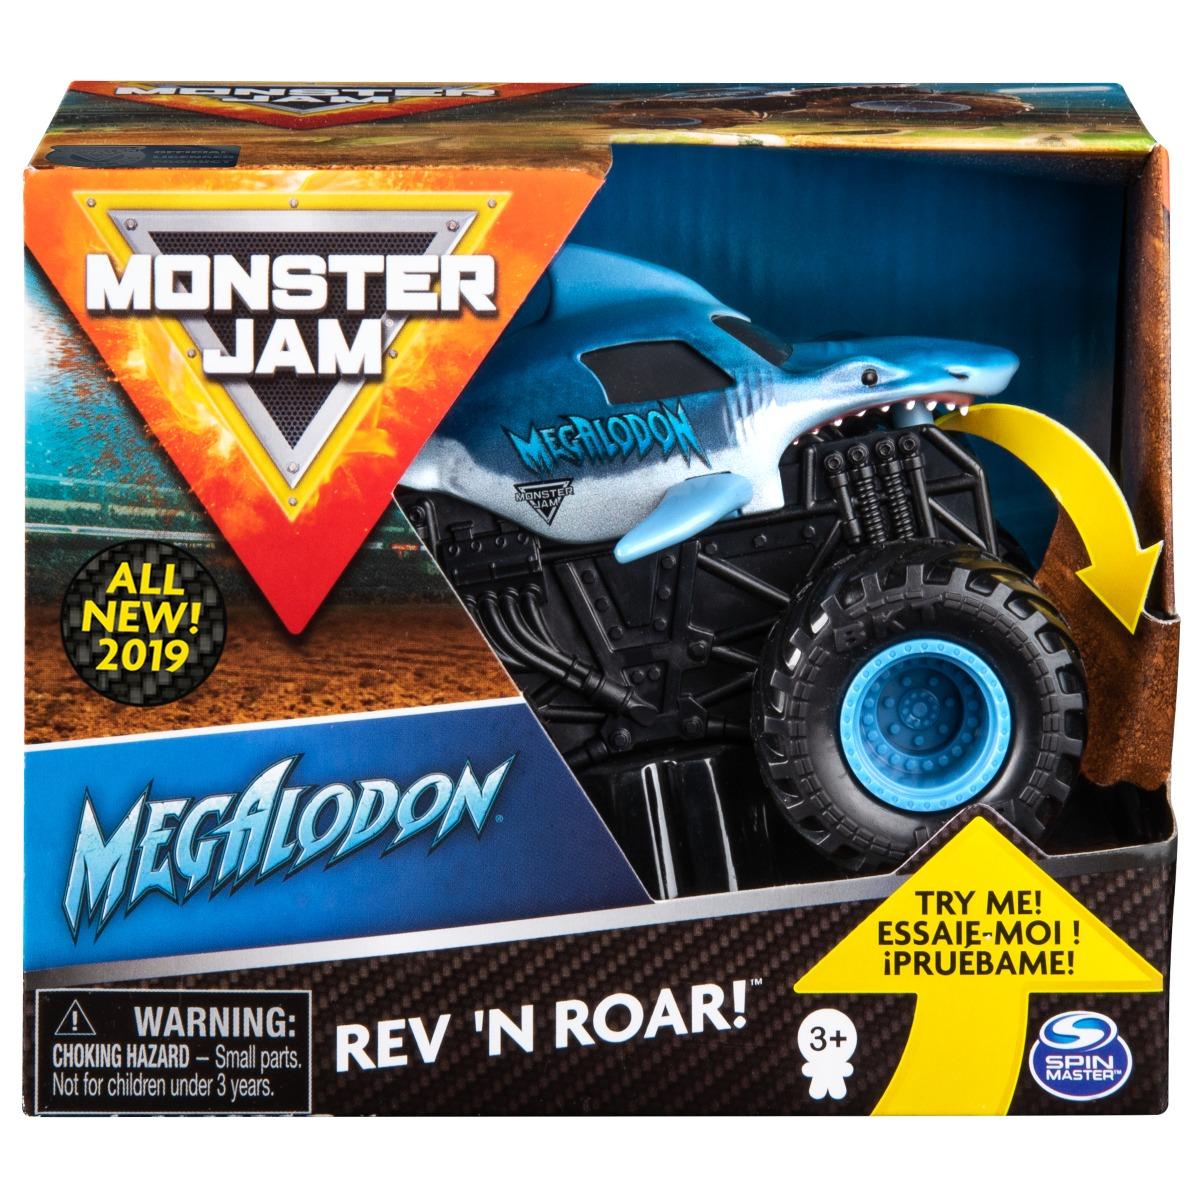 Masinuta Monster Jam, Scara 1:43, Megalodon Rev N Roar